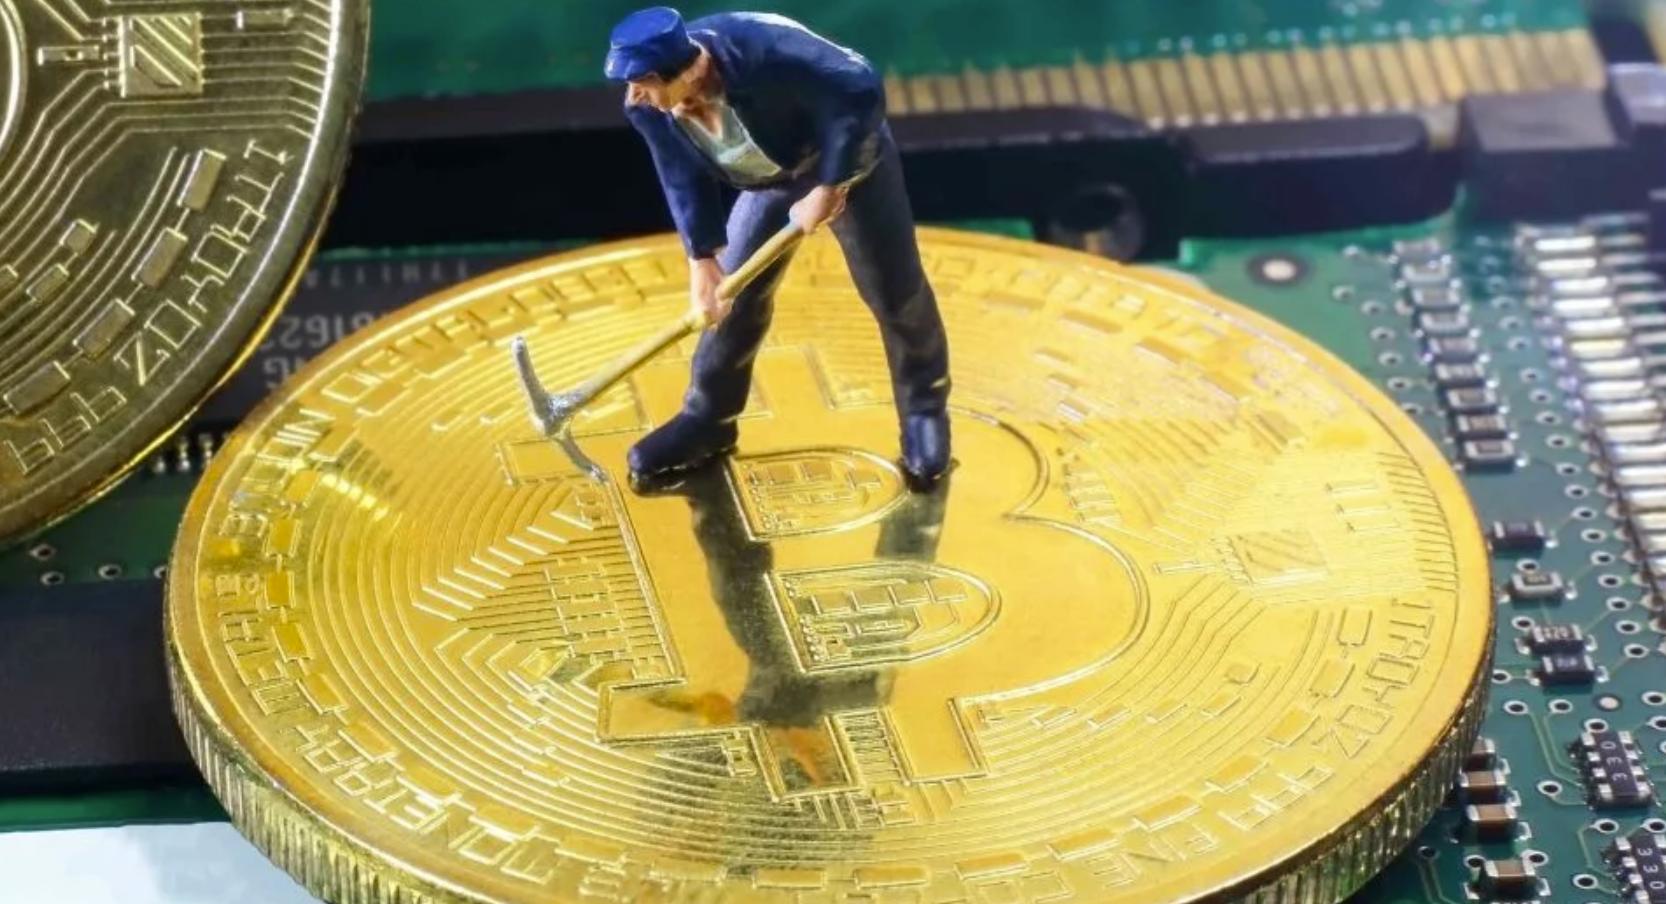 50 nap van még a Bitcoin felezésig, mire számíthatunk?